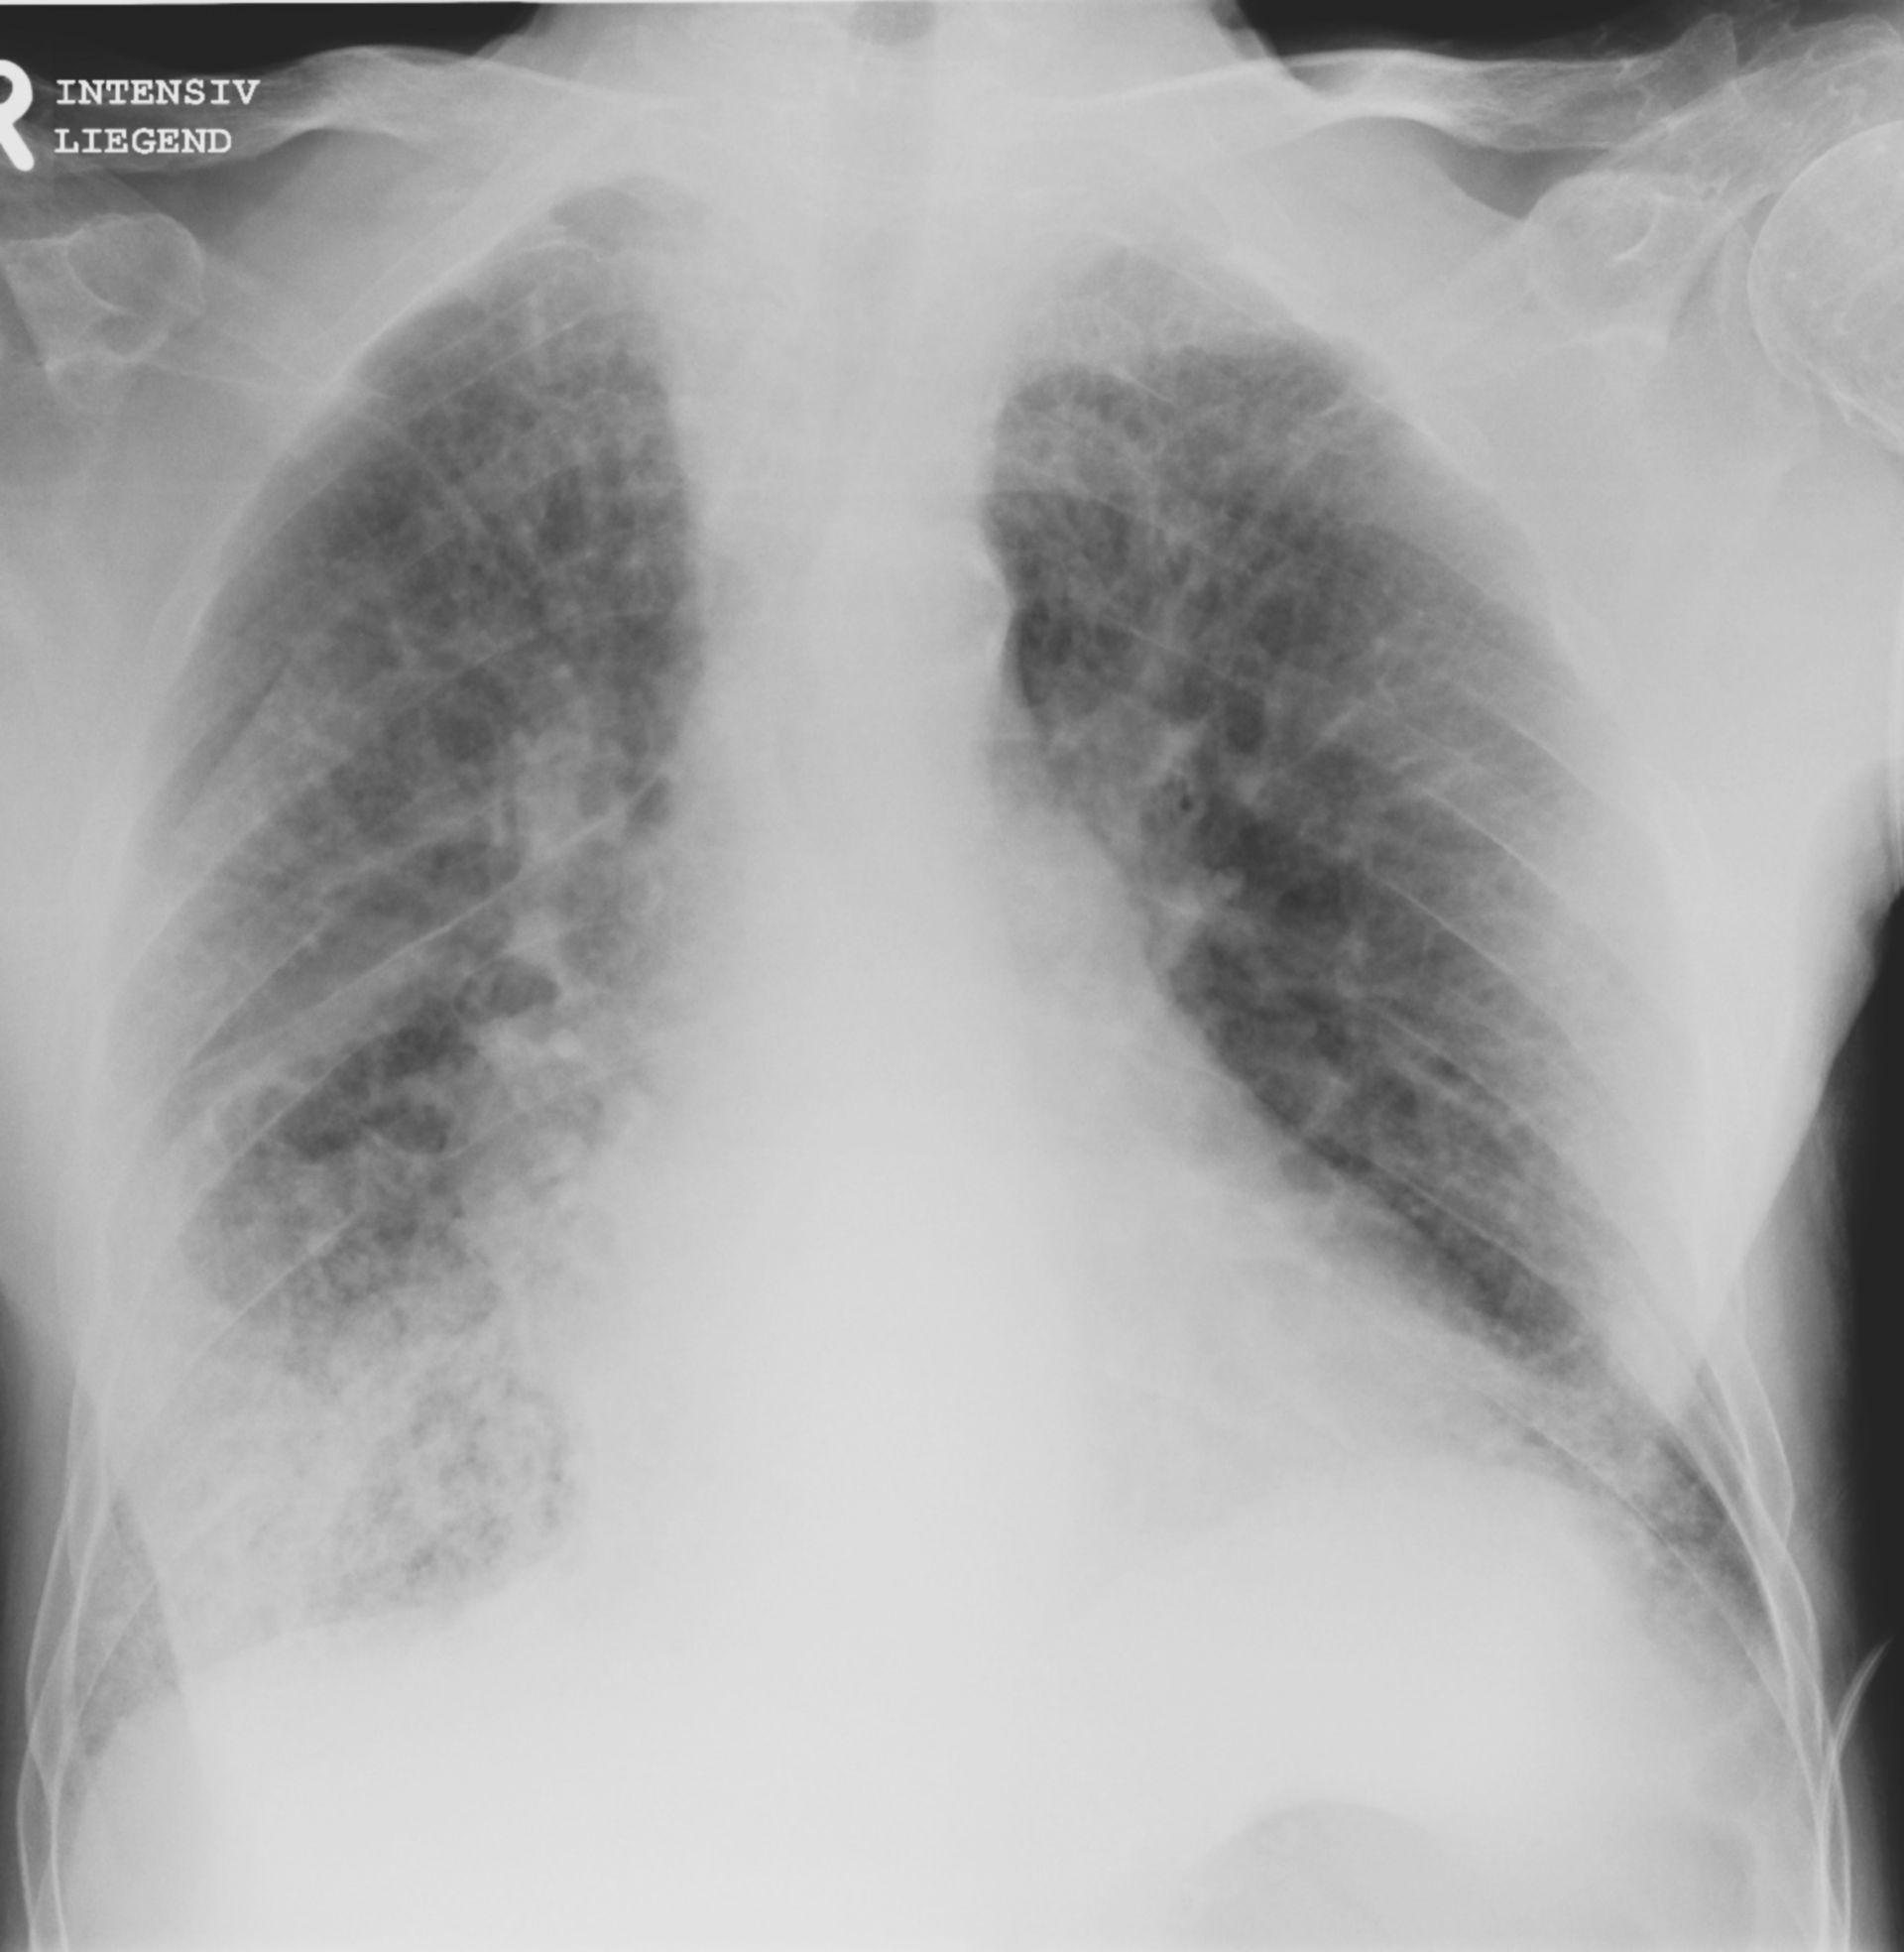 Röntgen des Thorax von a.p. mit einer Stauung der Lunge beidseits perihilär